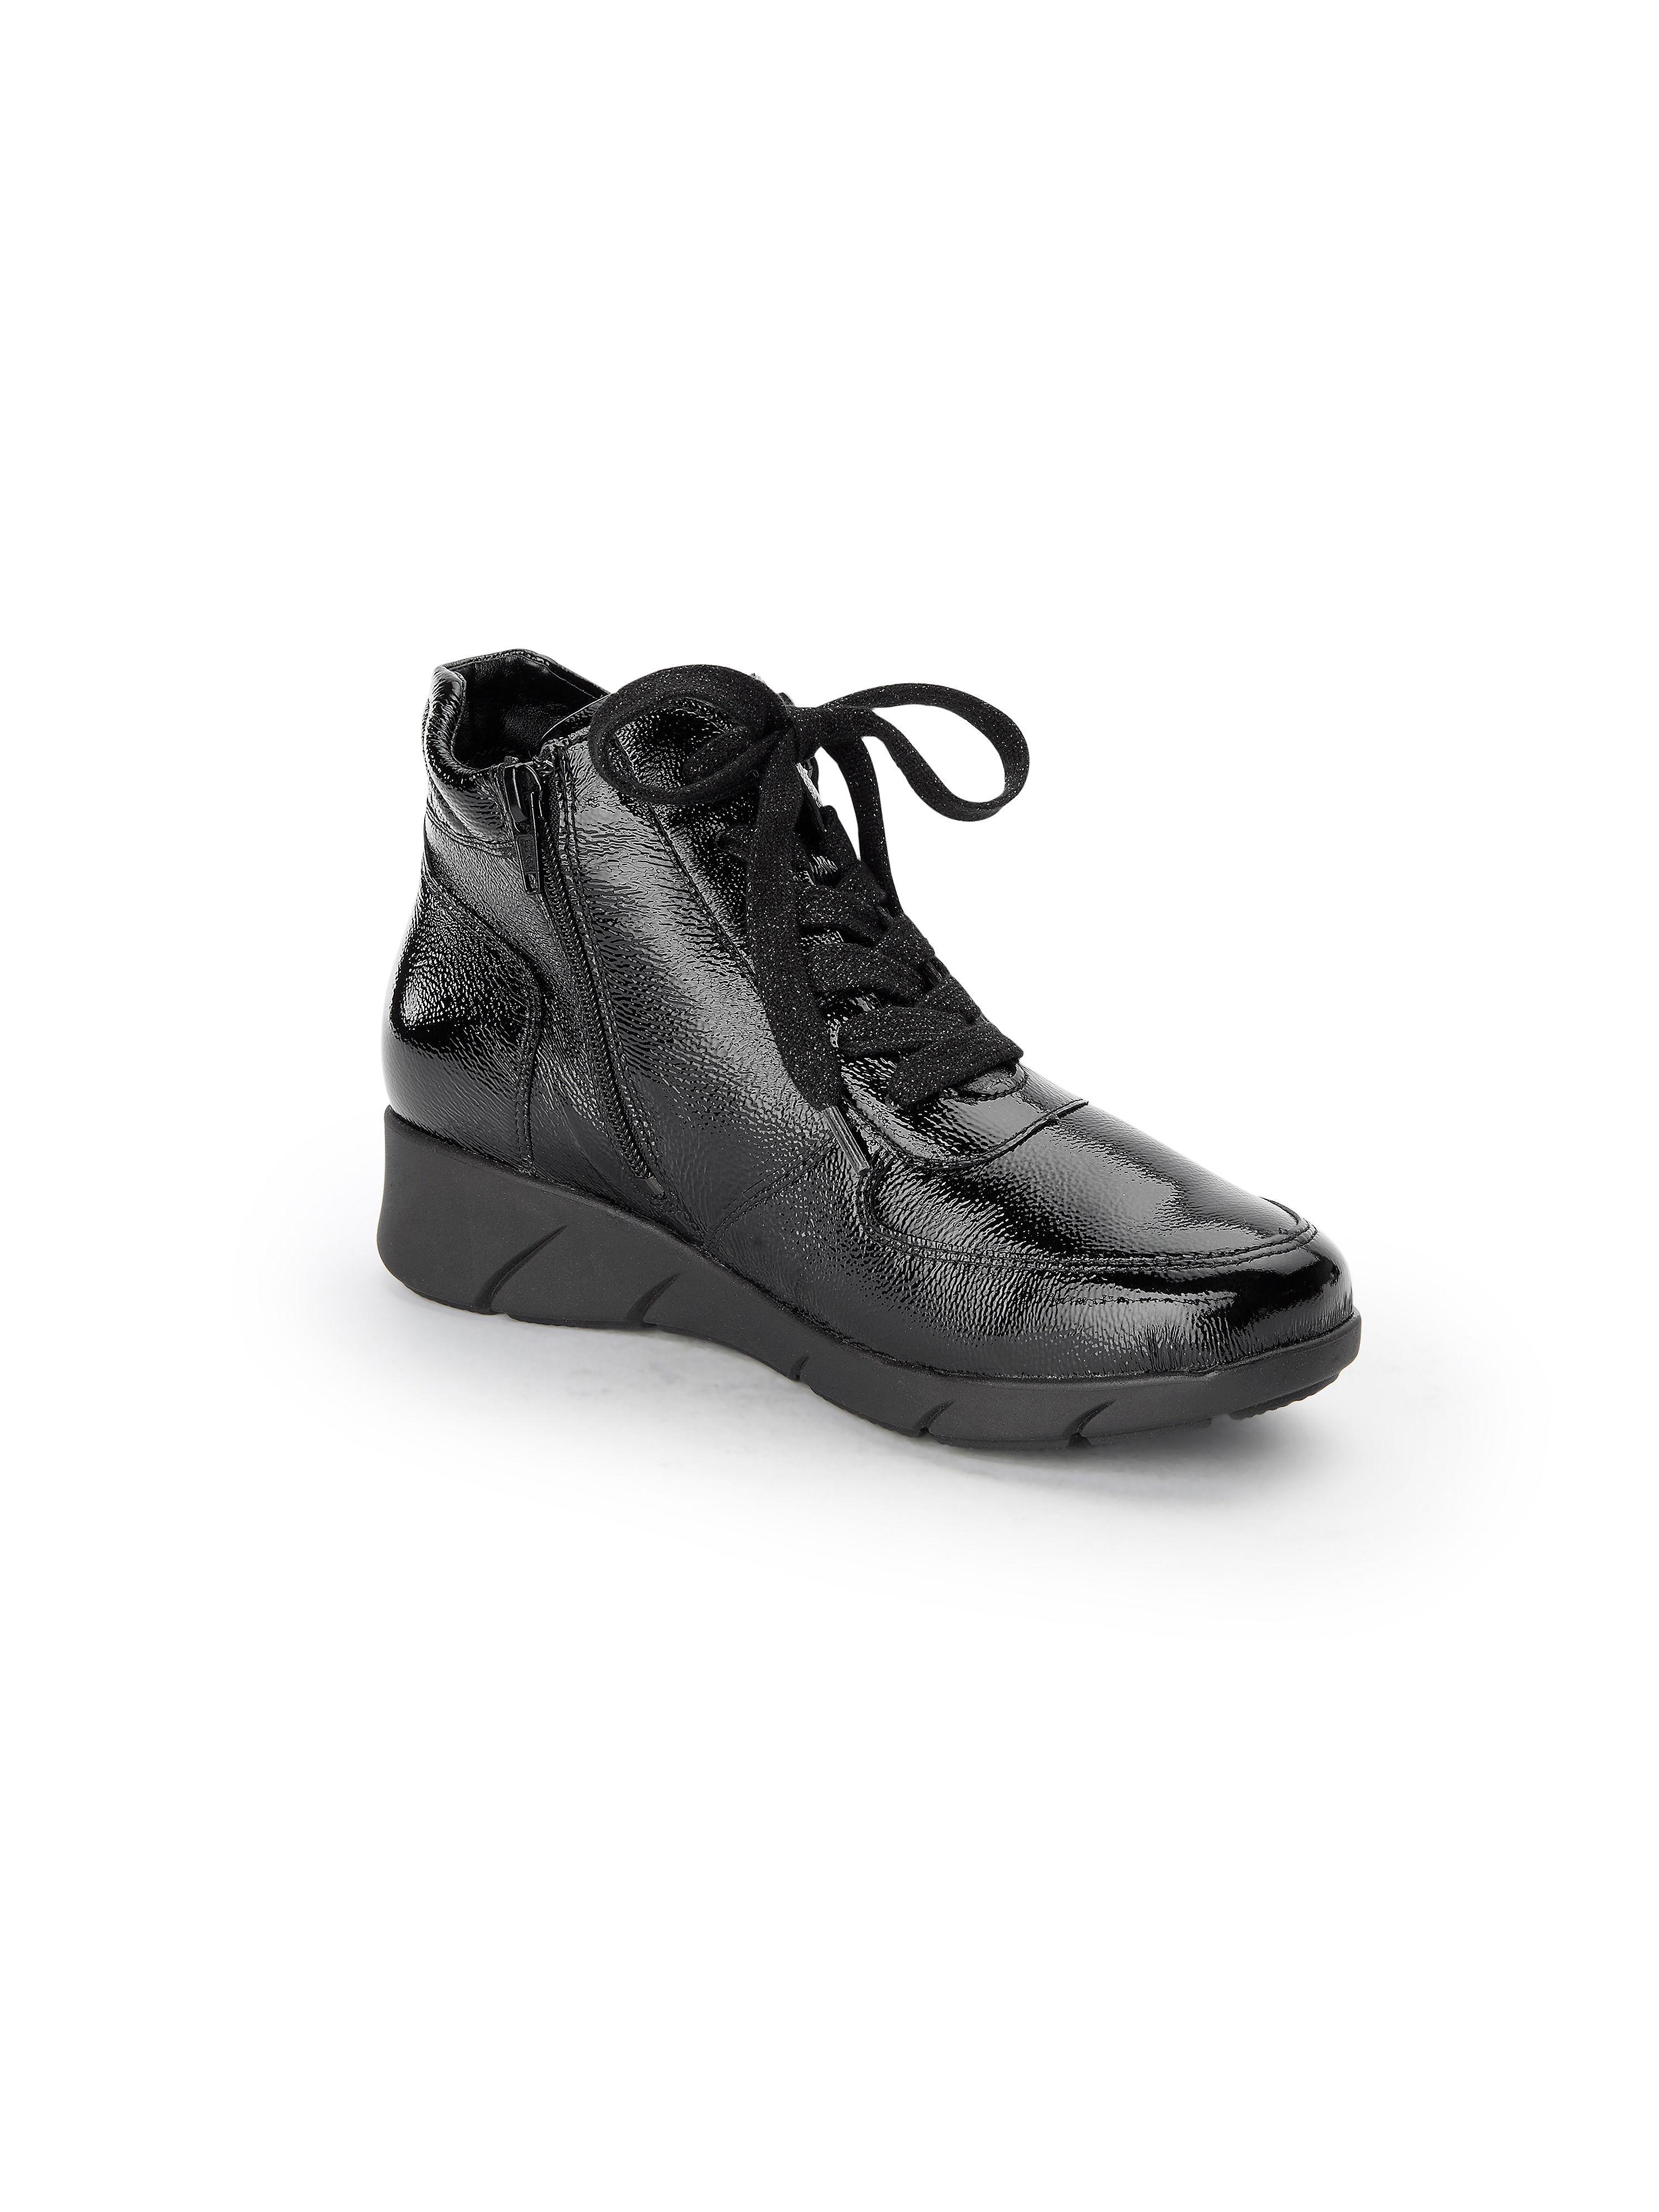 Waldläufer - Schnür-Stiefelette Kaina aus 100% Leder - Schwarz Gute Qualität beliebte Schuhe